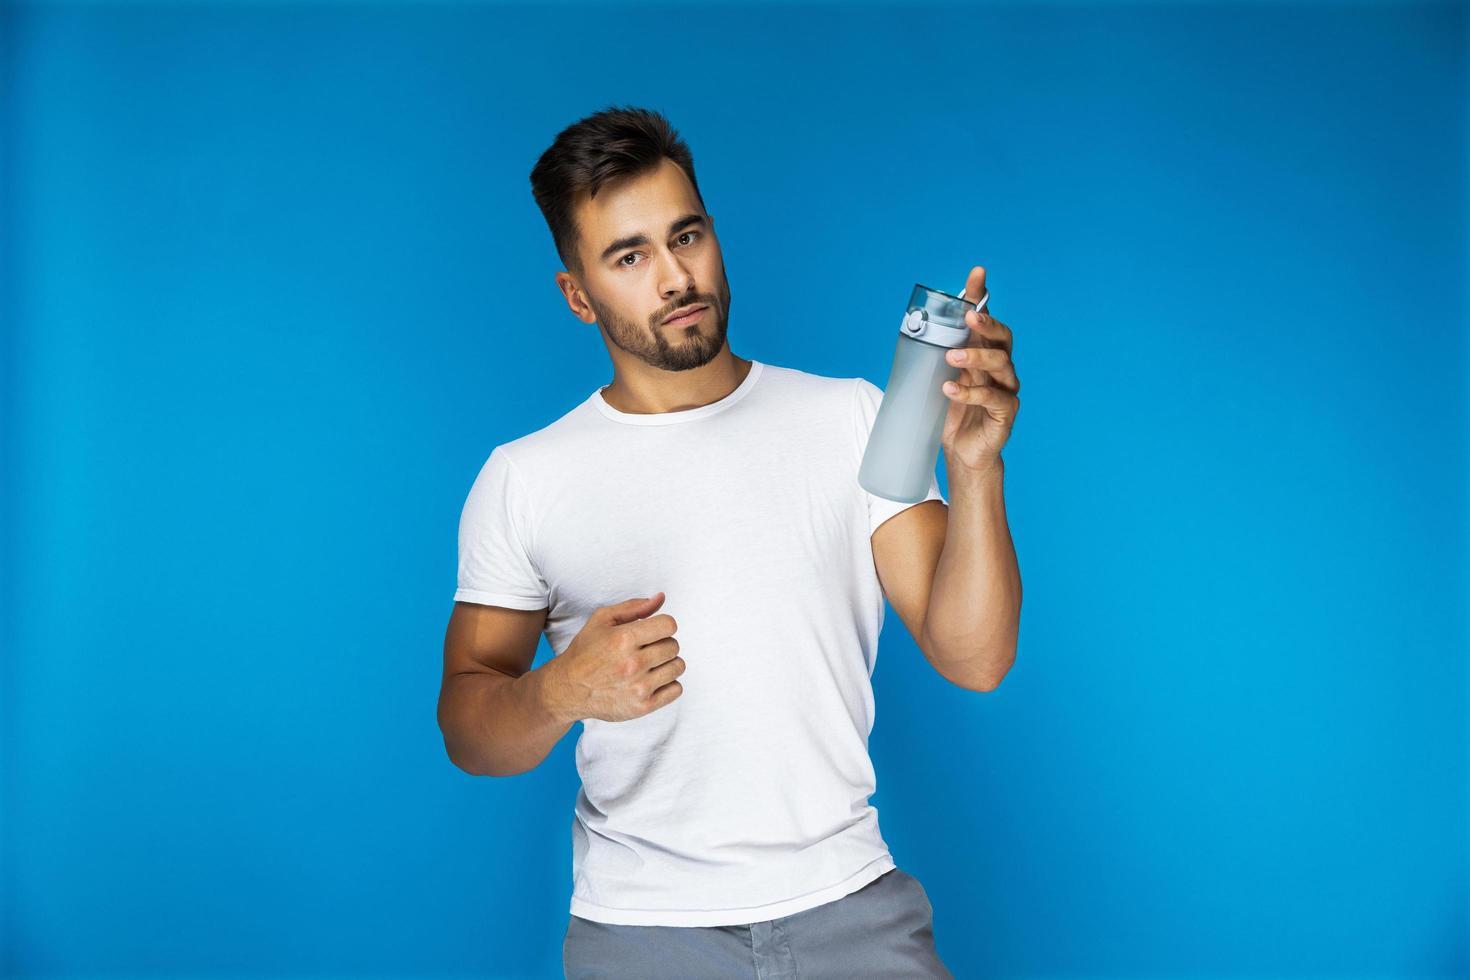 homme tenant une bouteille d'eau photo